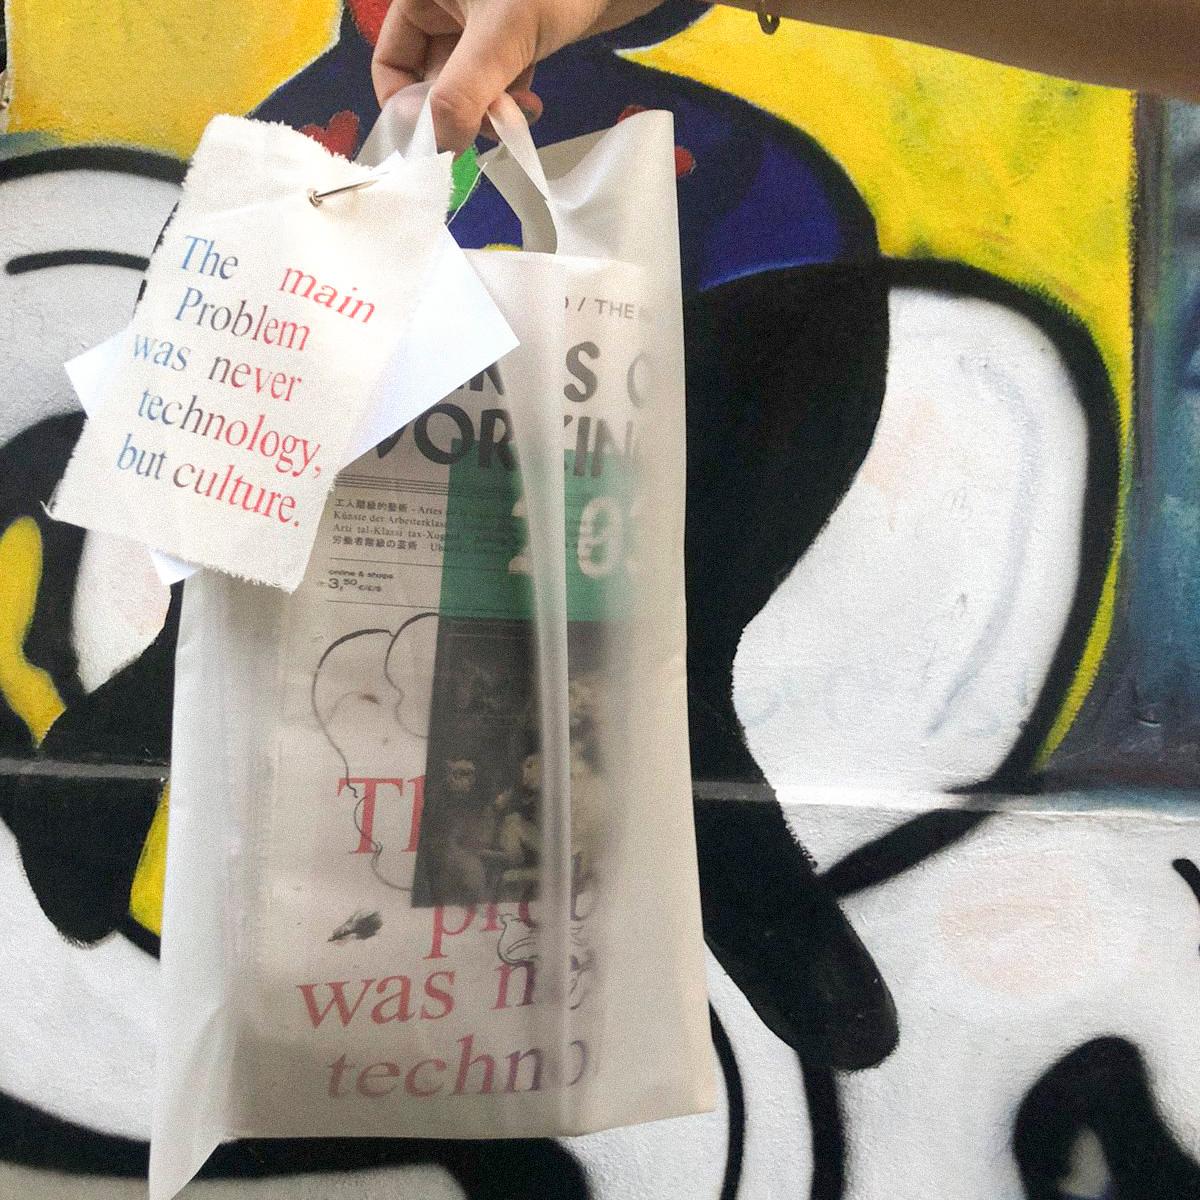 Meinungsbilder, Identitätspolitik und Kunstdiskurs: Die polyglotte Straßenzeitung Arts of the Working Class 1